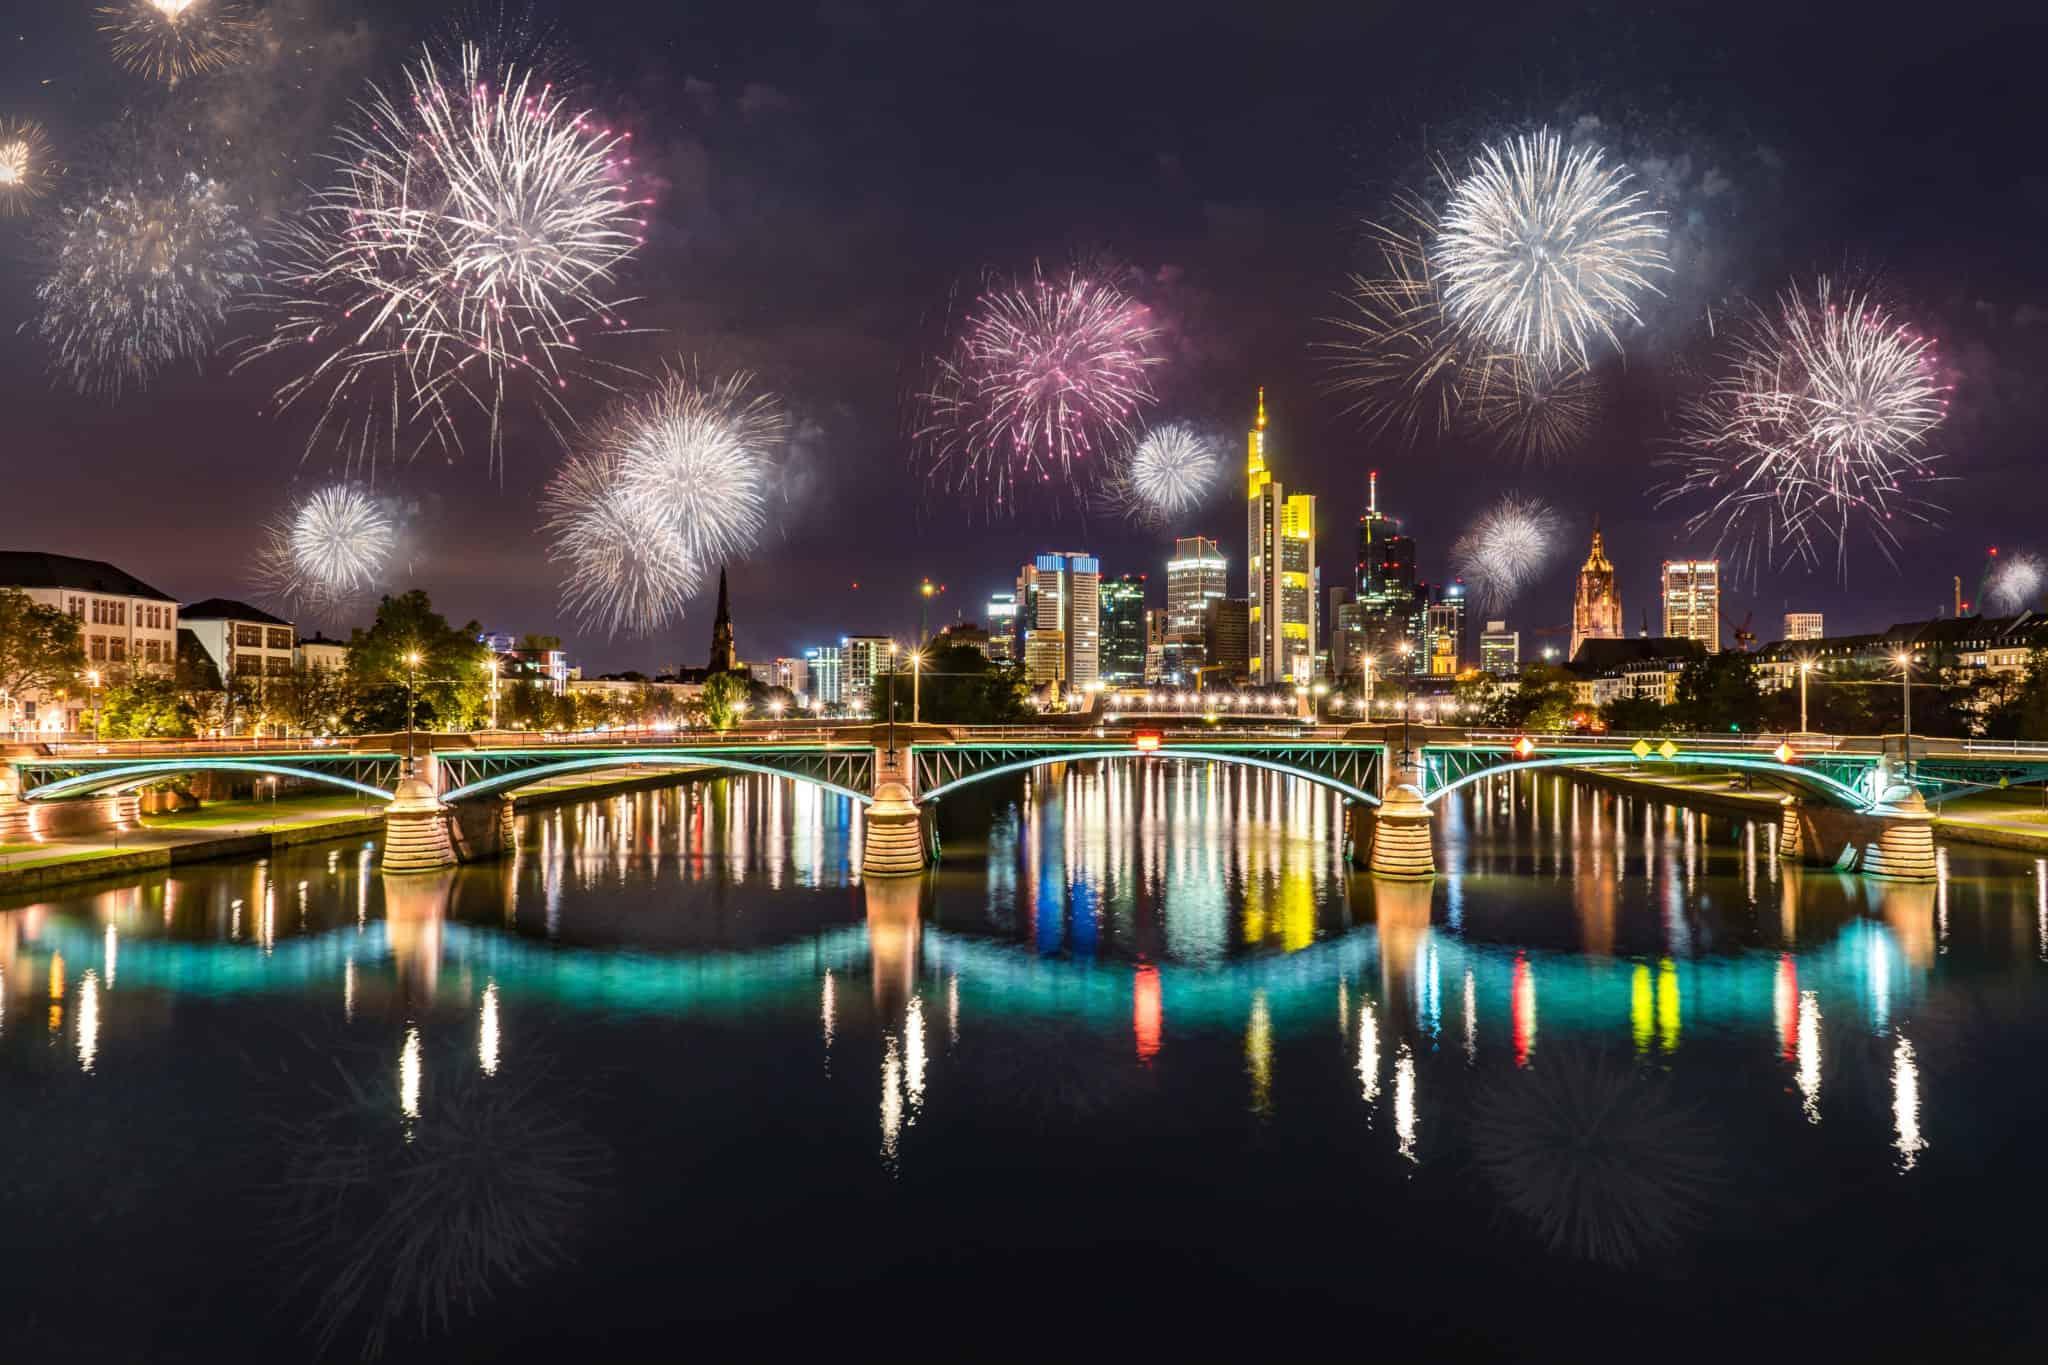 Silvester Feuerwerk in Frankfurt